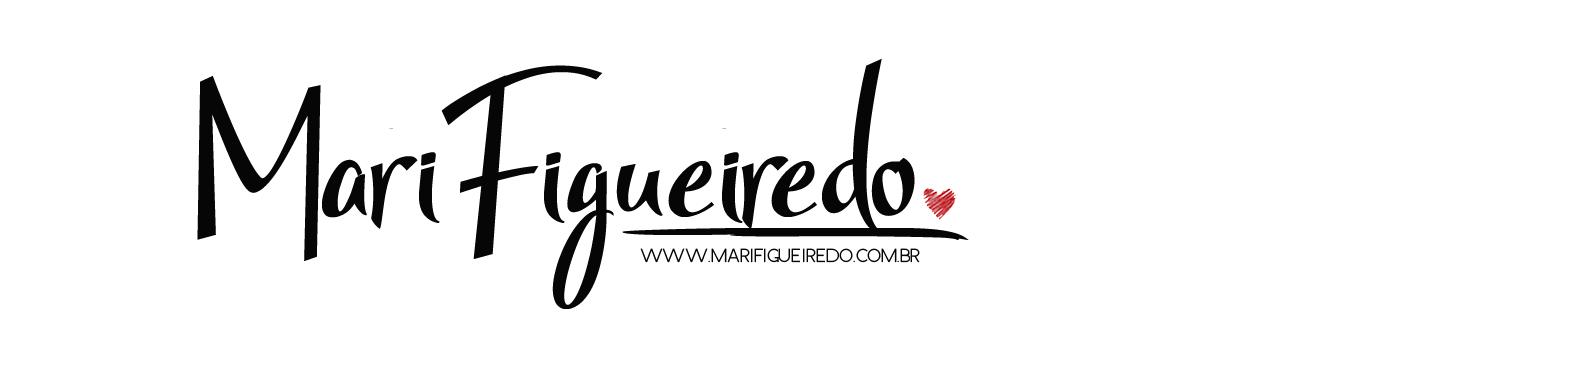 Mariana Figueiredo Vieira